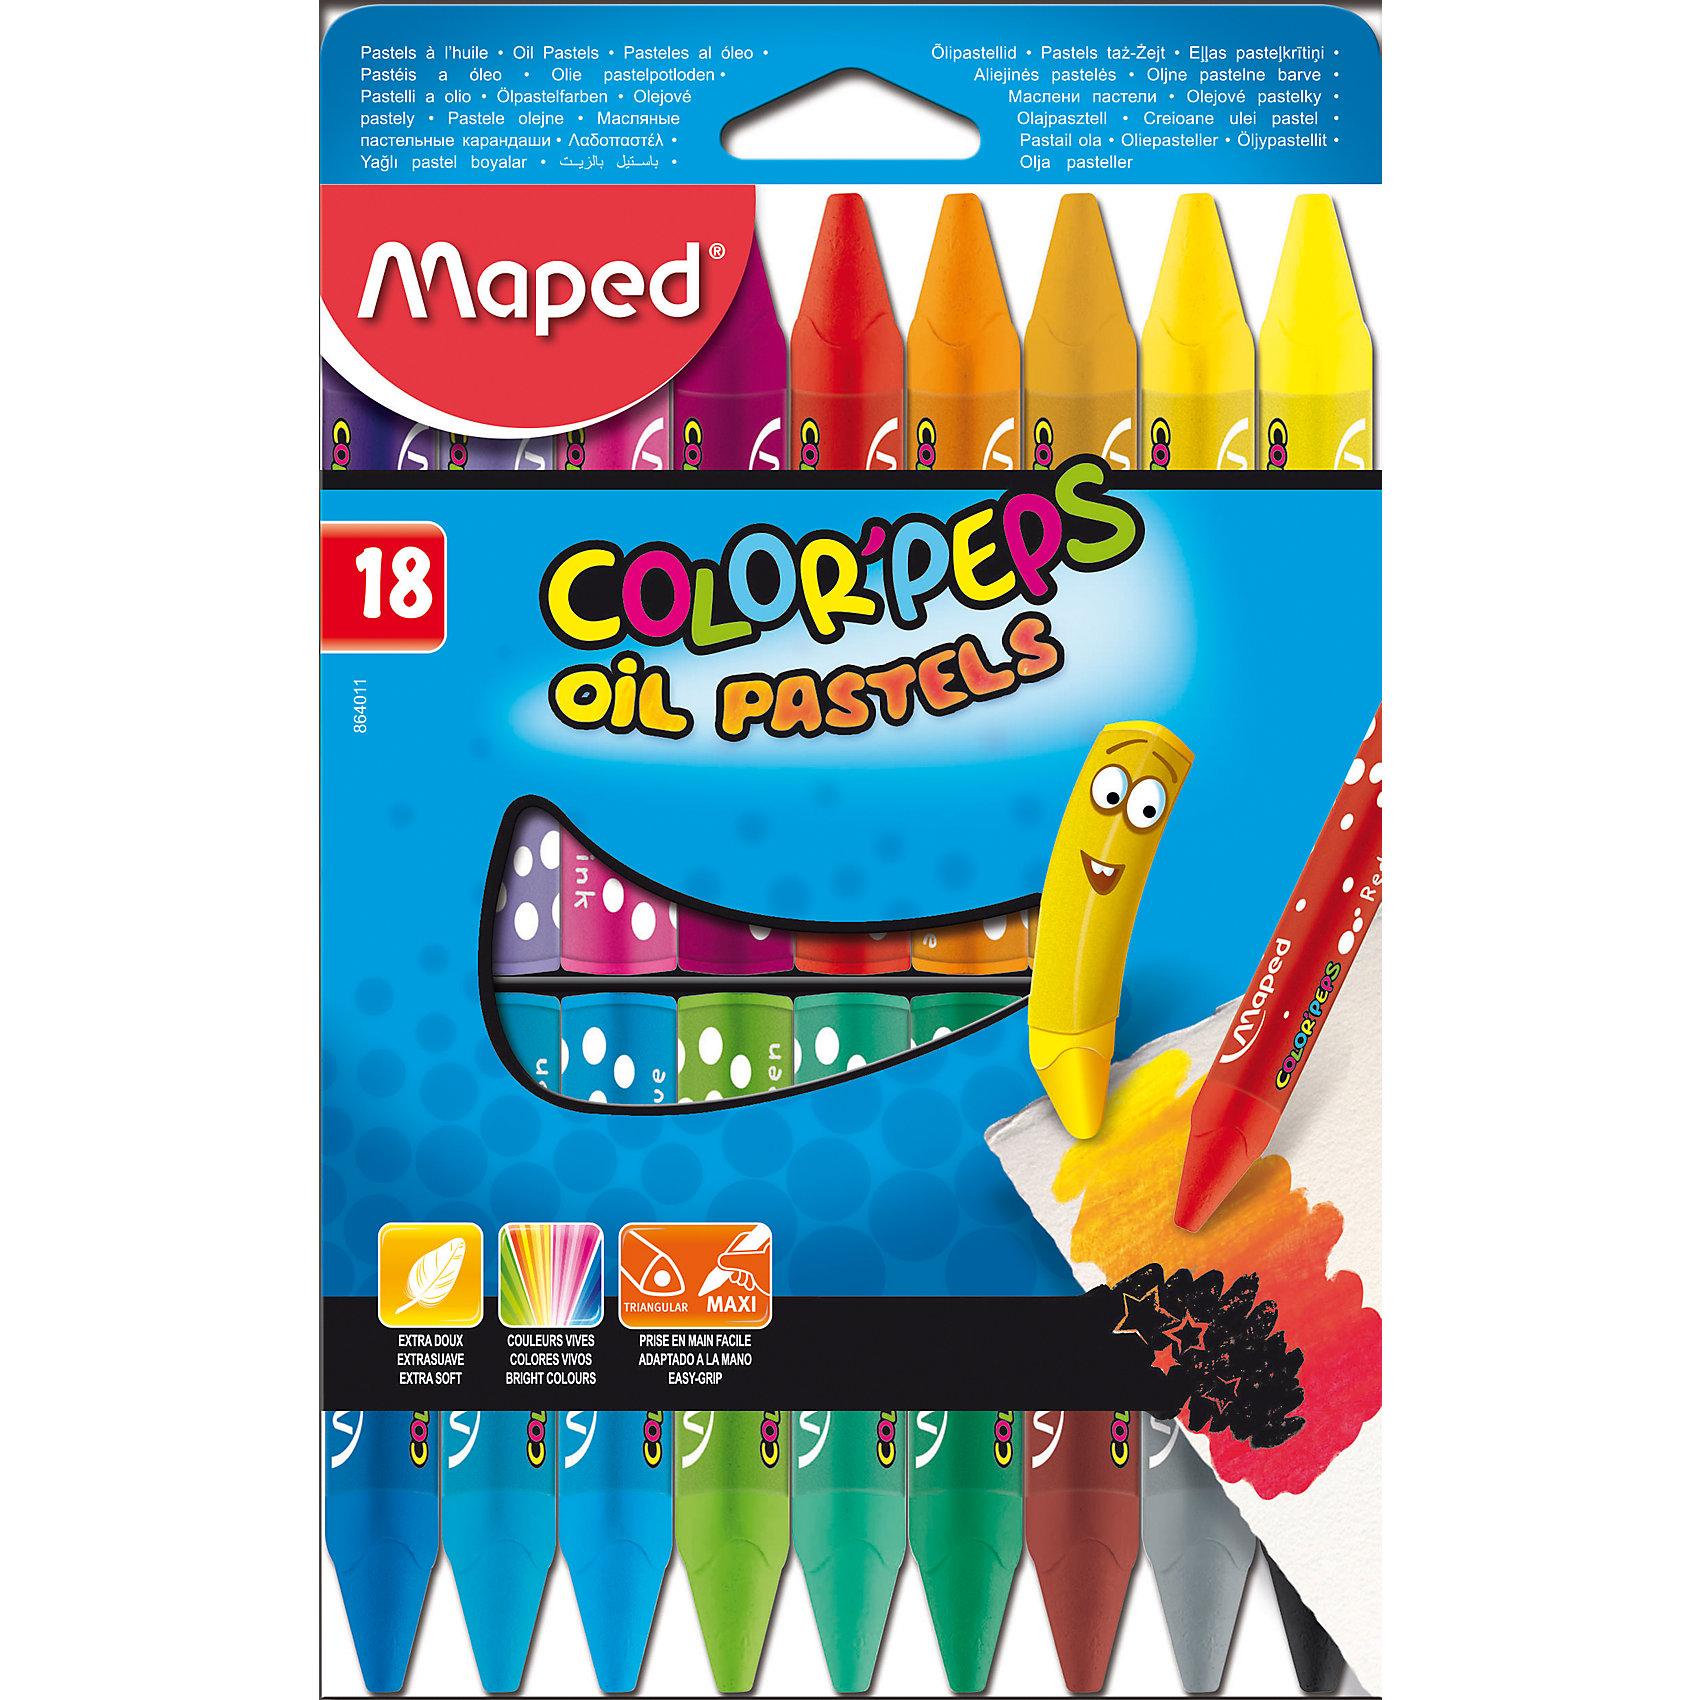 Пастель масляная 18 цветов, MAPEDПастель масляная Color Peps, треугольный корпус, супер мягкая в картонном футляре. В наборе 18 цветов. Яркие цвета и насыщенное закрашивание. Большой размер Макси для более легкого удерживания в руке. Подходят для самых маленьких. Используется для различных художественных техник: создание набросков, копирование притиранием (раббинг), нахлестыванием (оверлаппинг) и т.д.<br><br>Ширина мм: 210<br>Глубина мм: 130<br>Высота мм: 20<br>Вес г: 391<br>Возраст от месяцев: 36<br>Возраст до месяцев: 2147483647<br>Пол: Унисекс<br>Возраст: Детский<br>SKU: 5530057